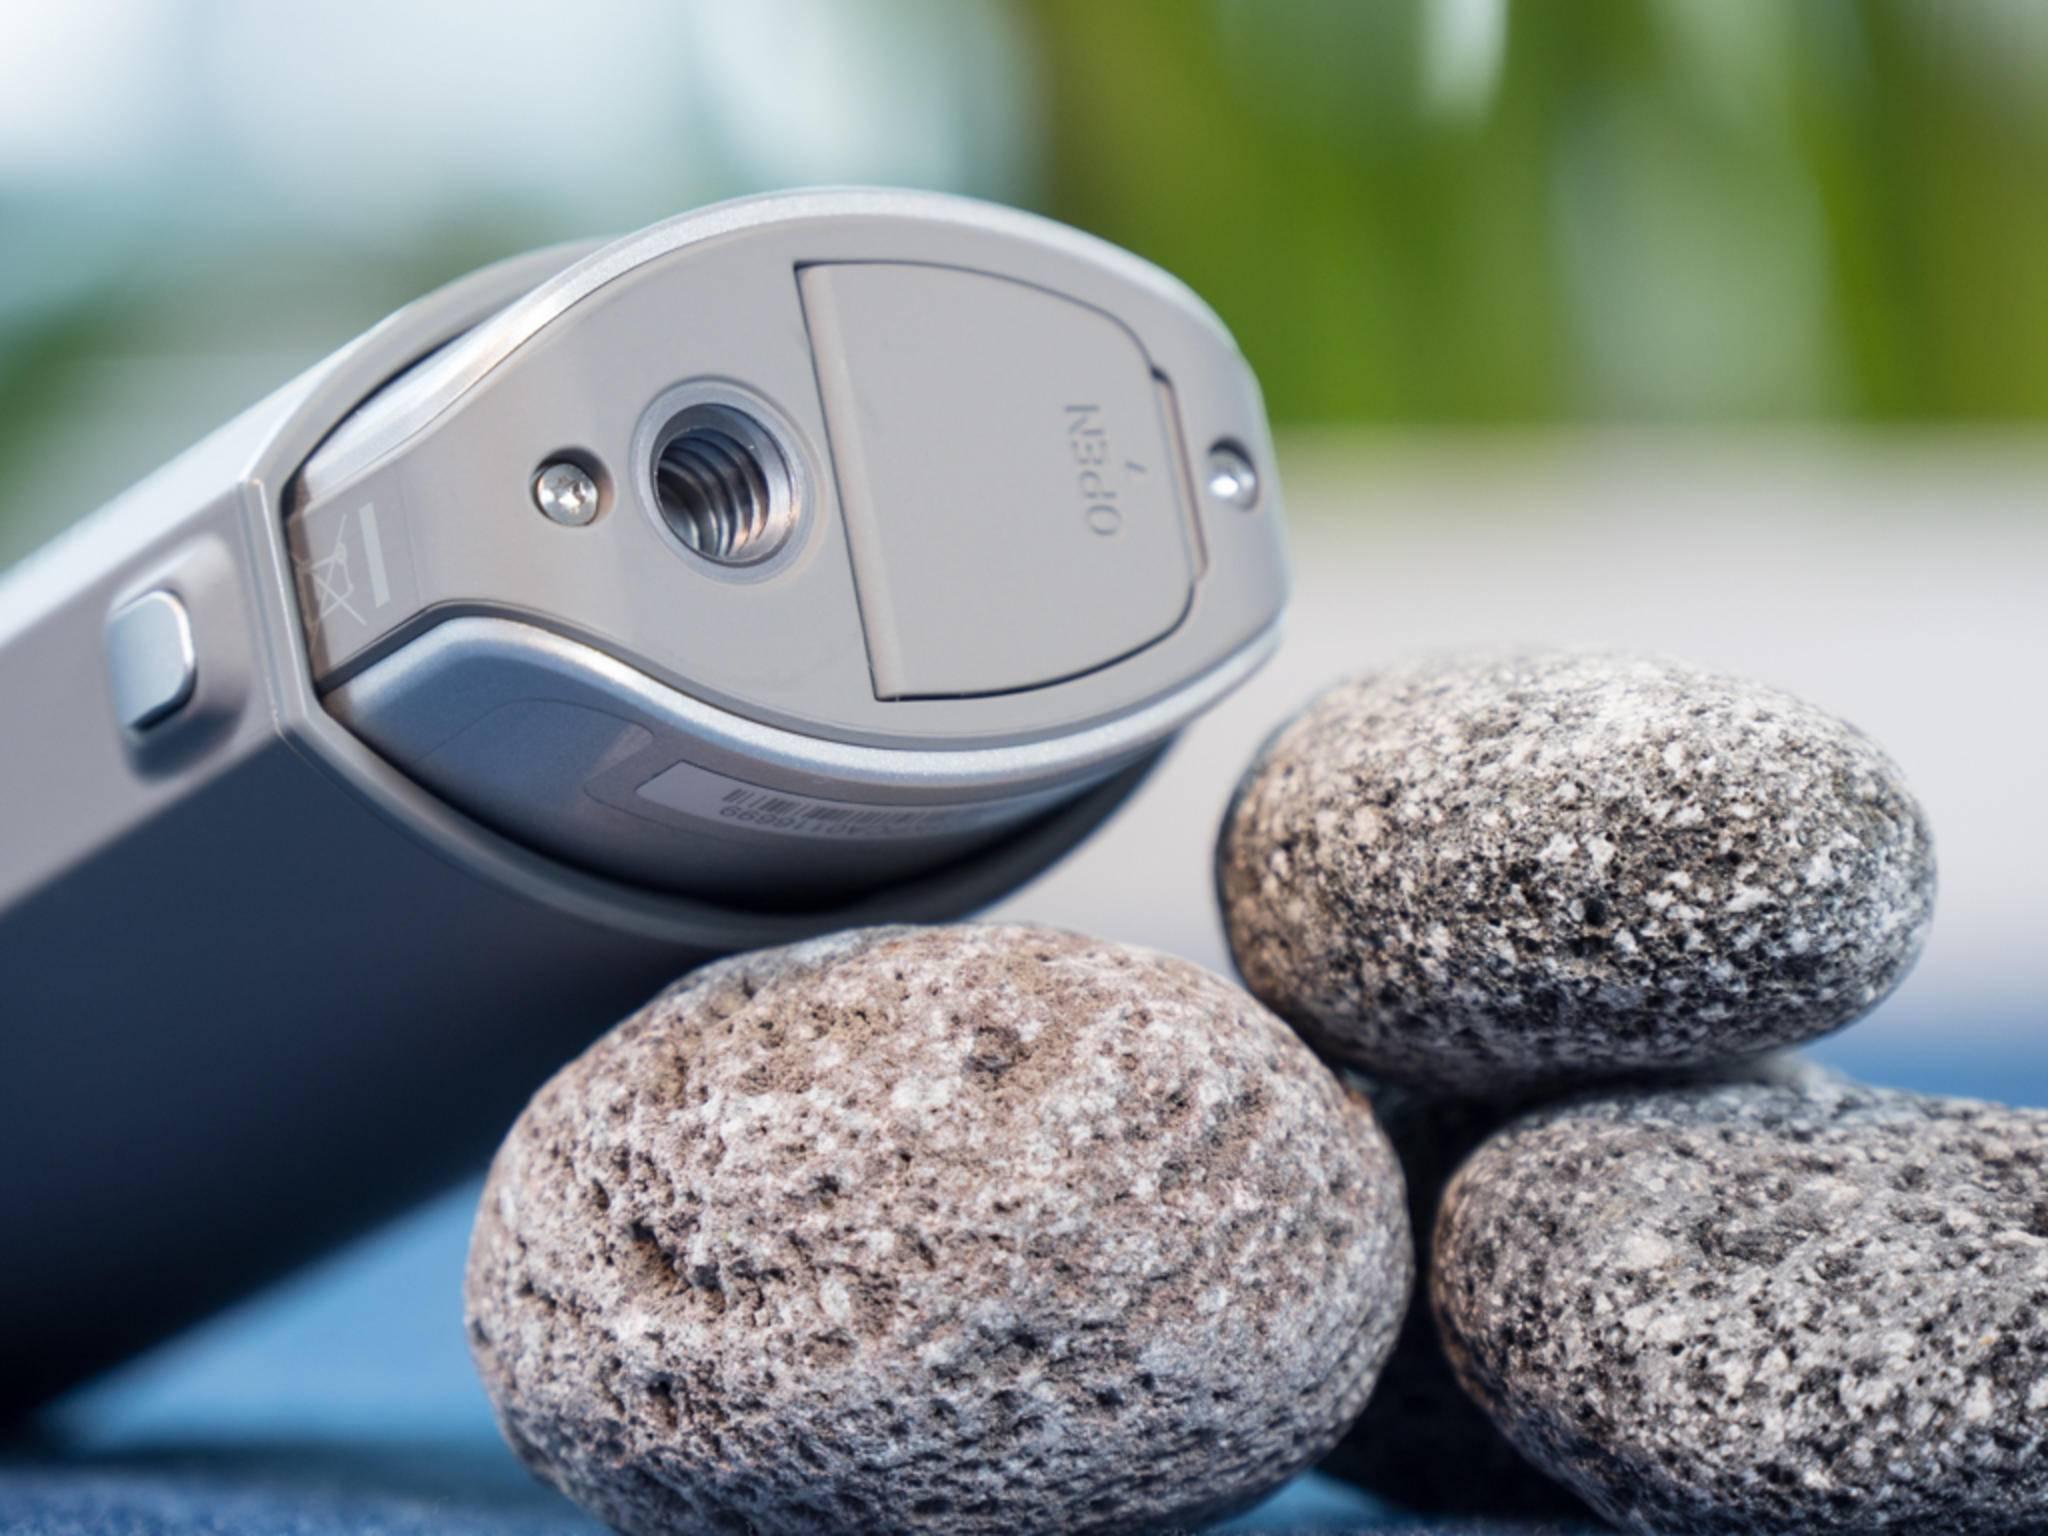 Durch das Standard-Gewinde kann die 360-Cam mit gängigen Stativen verwendet werden.